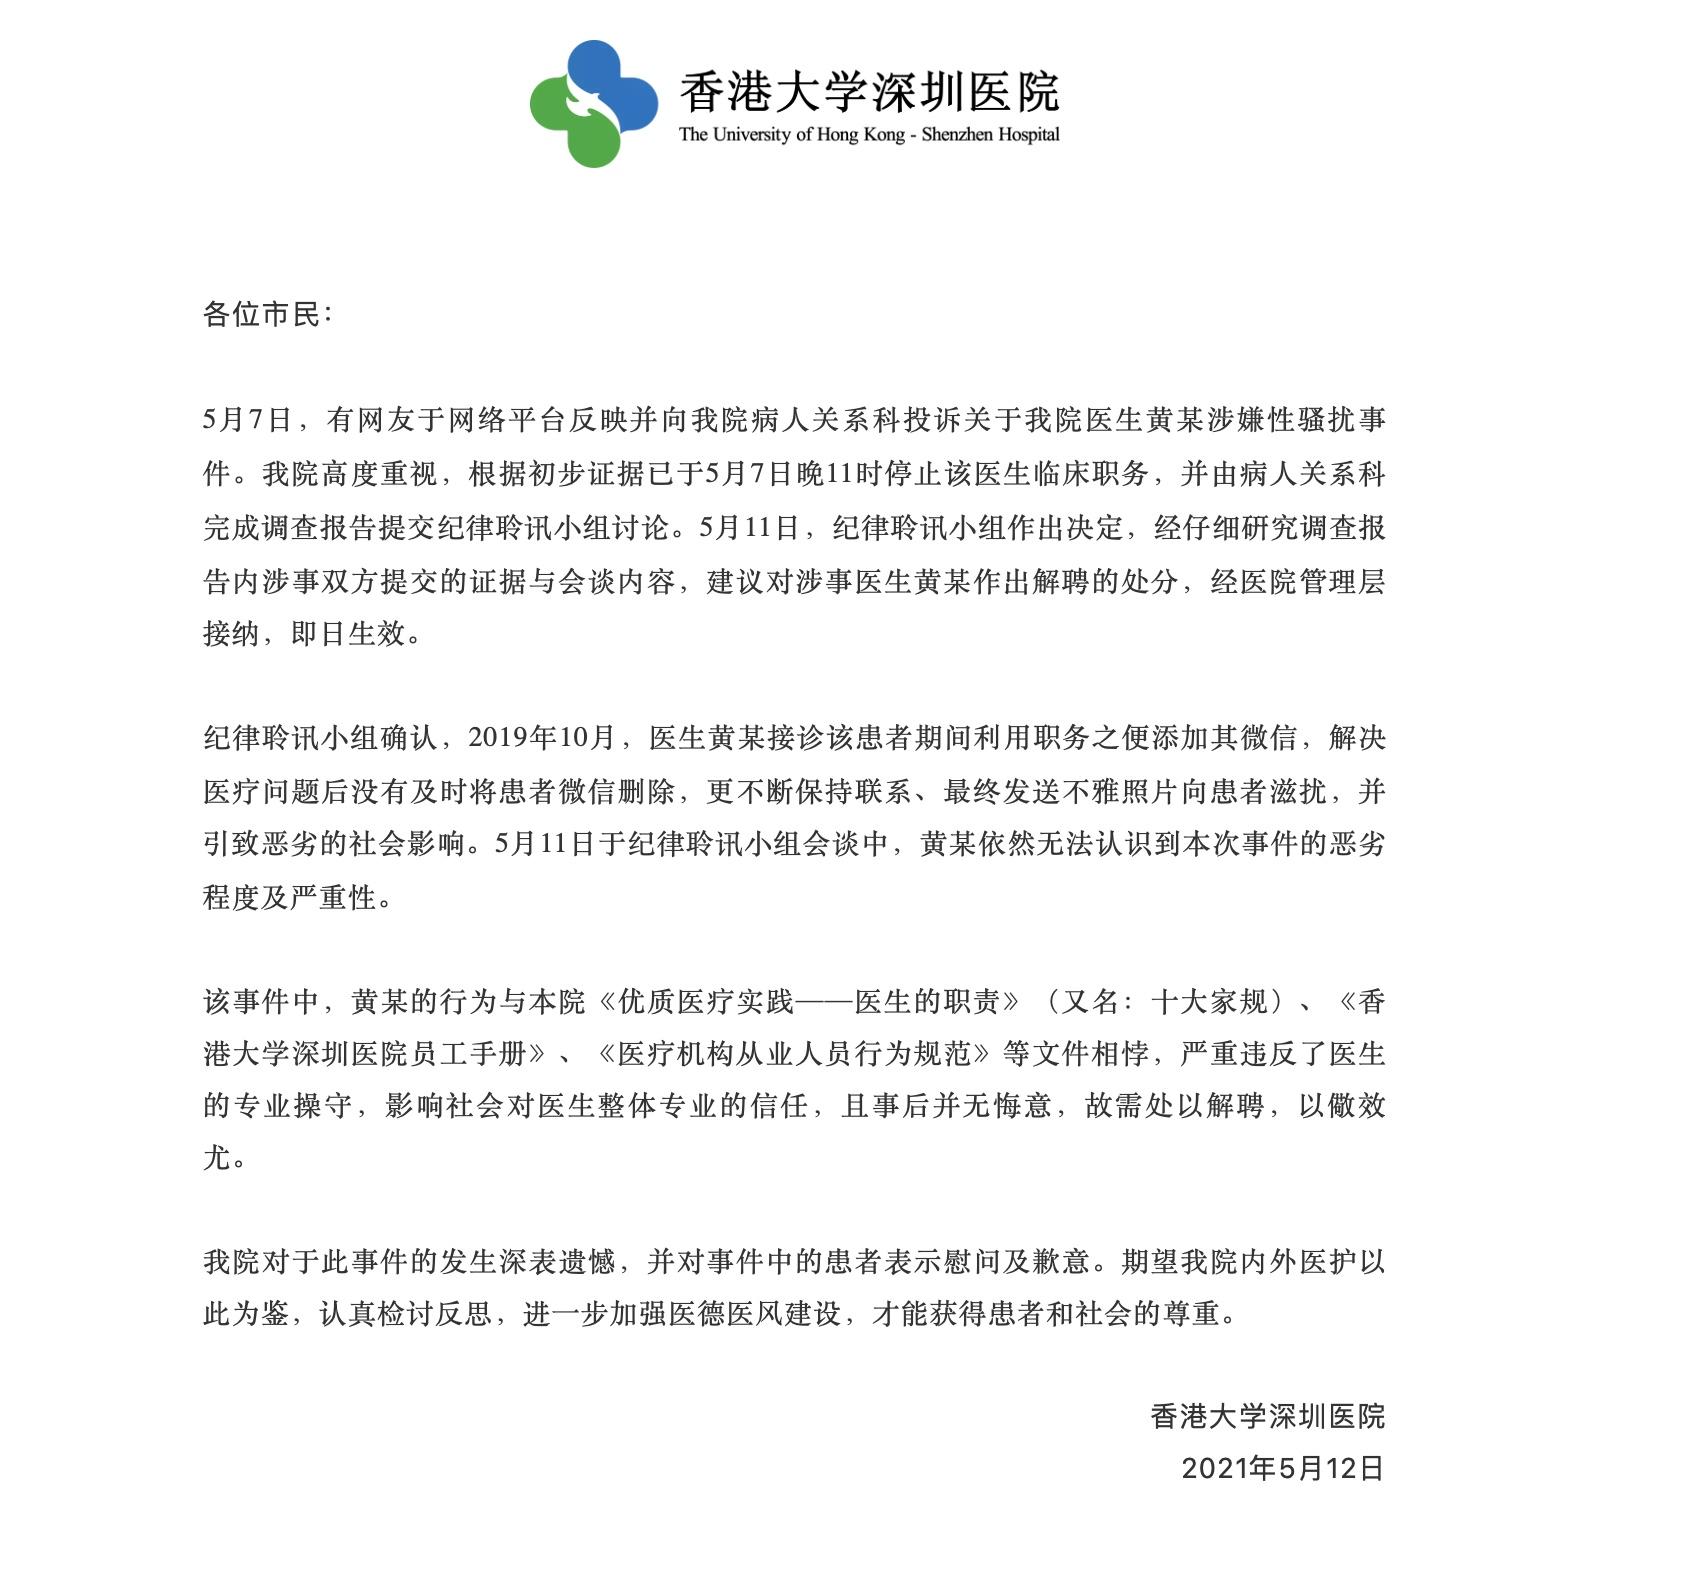 深圳一医生性骚扰女患者被解聘续:疑有其他女性受害